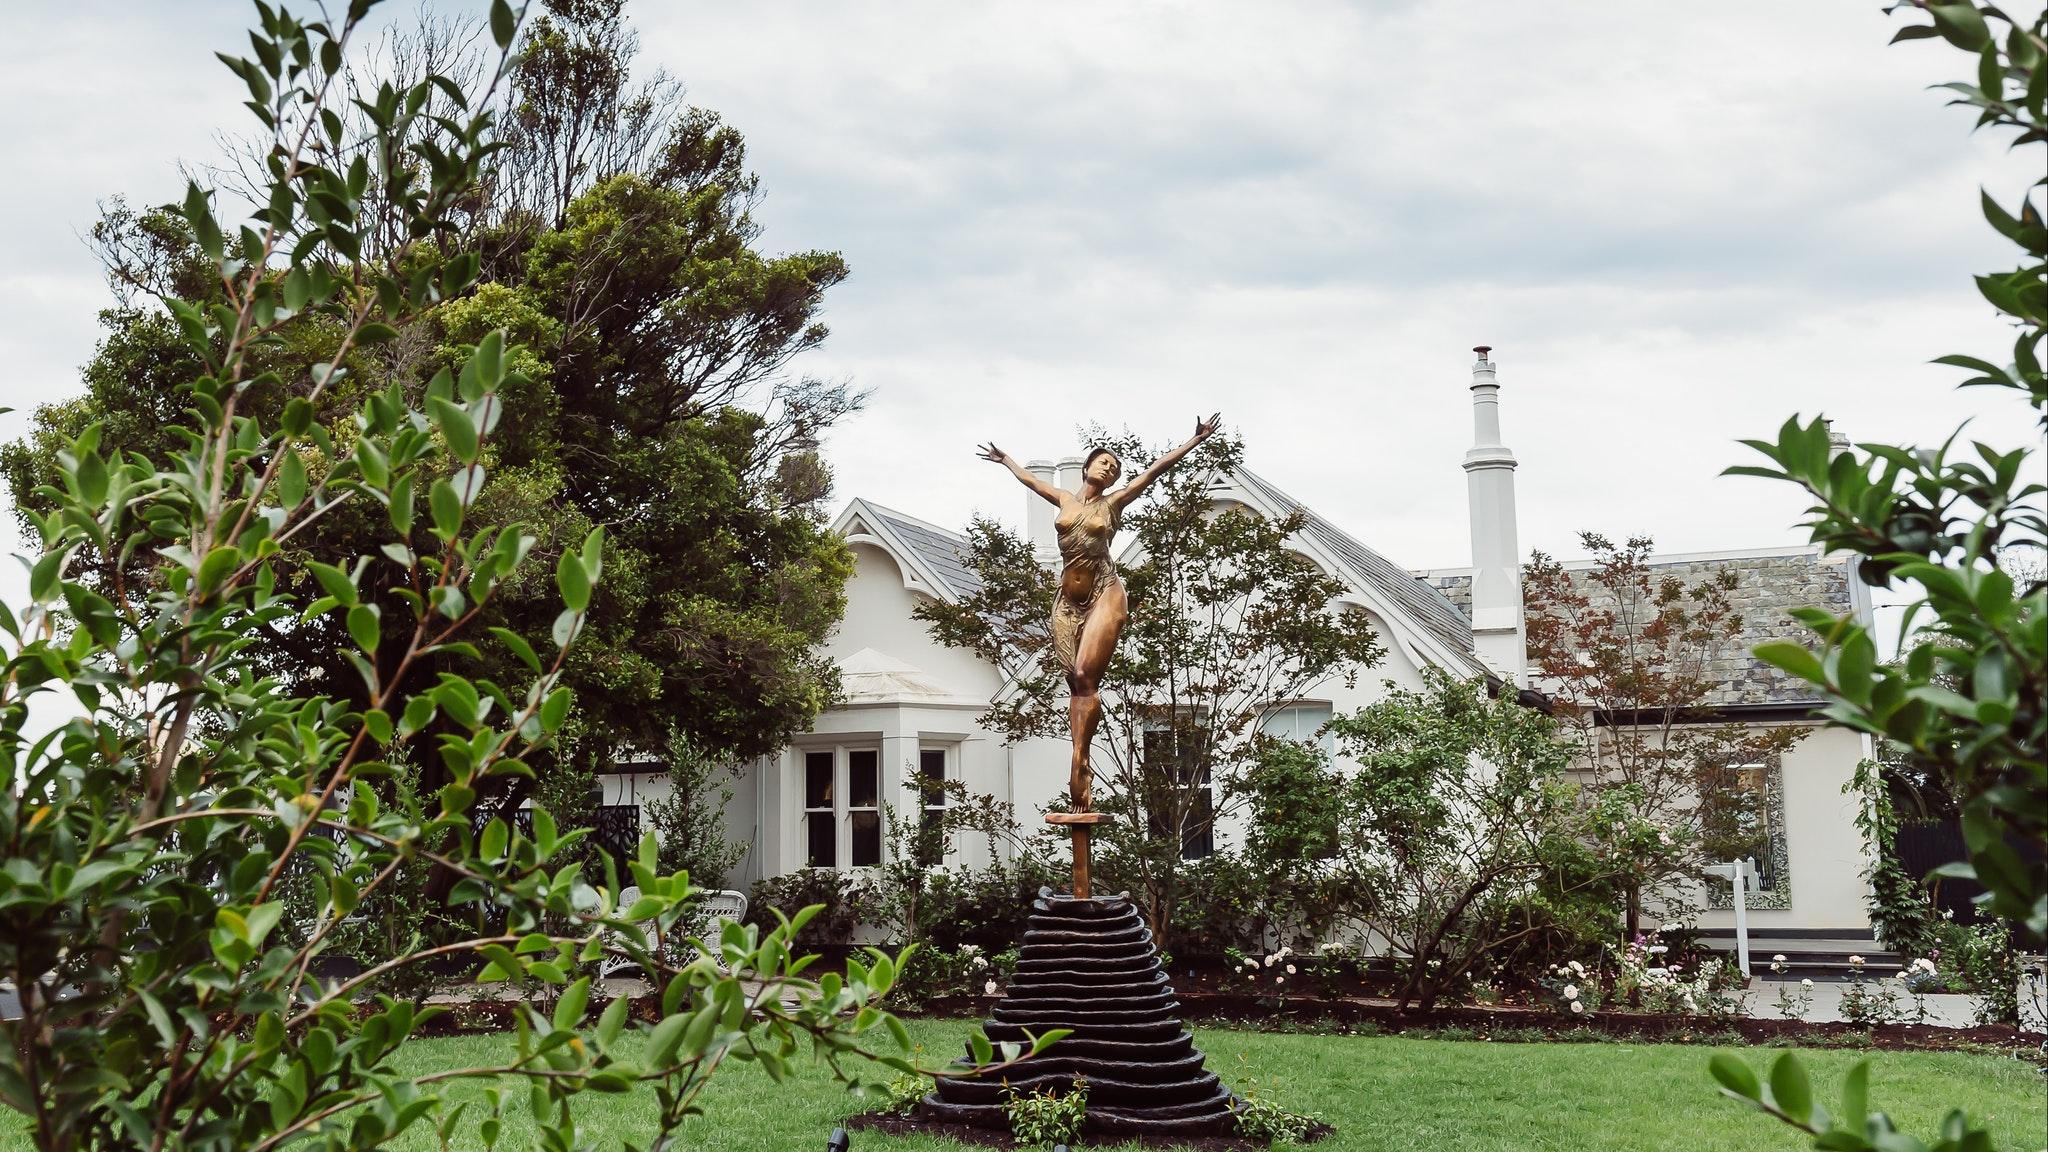 The Wellness Manor - Sculpture